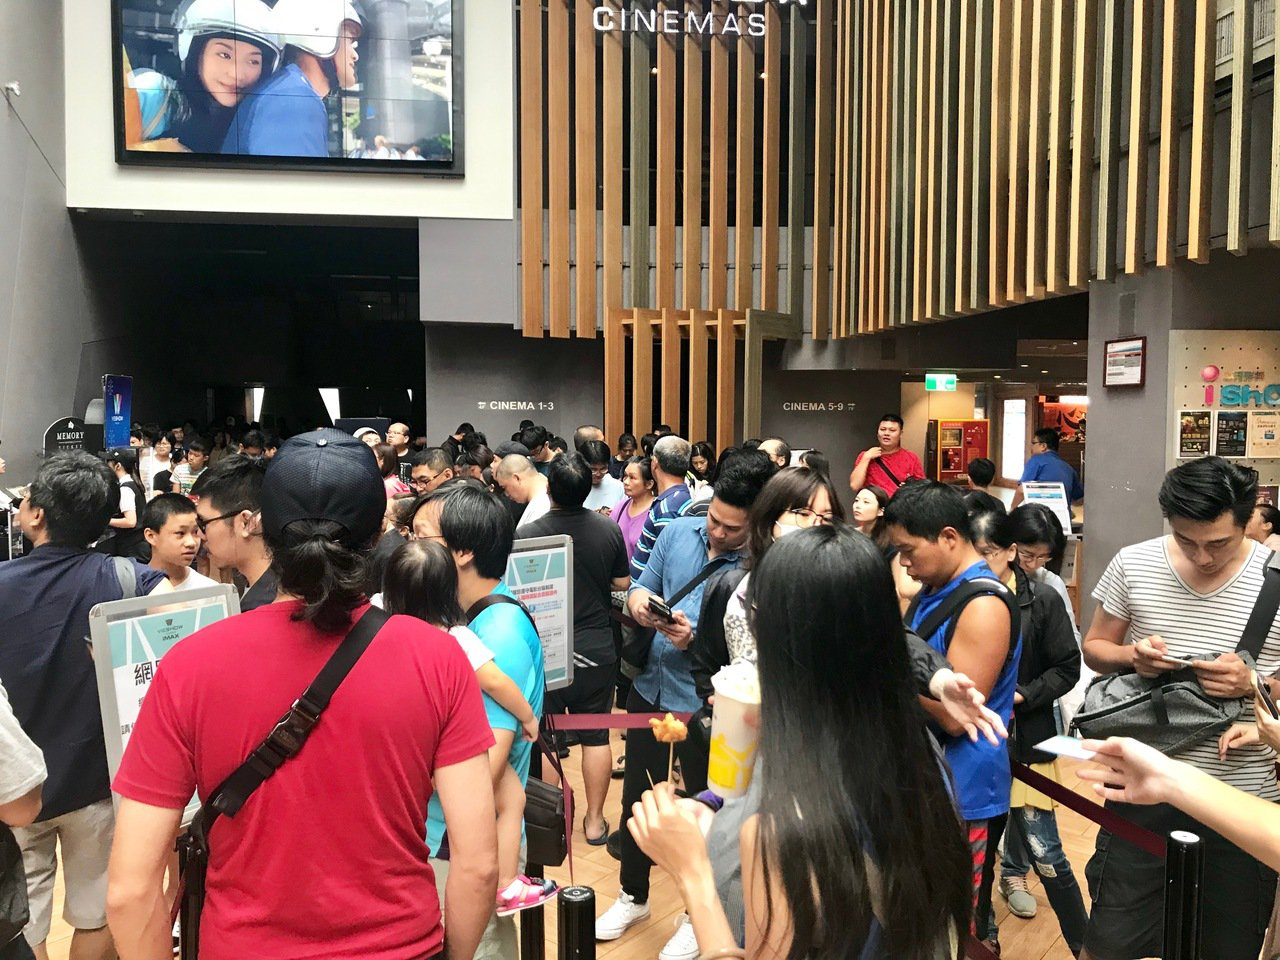 新竹客層年輕且家庭客多,巨城周年慶推出每日消費滿2千就可一人獨得「200張威秀電...